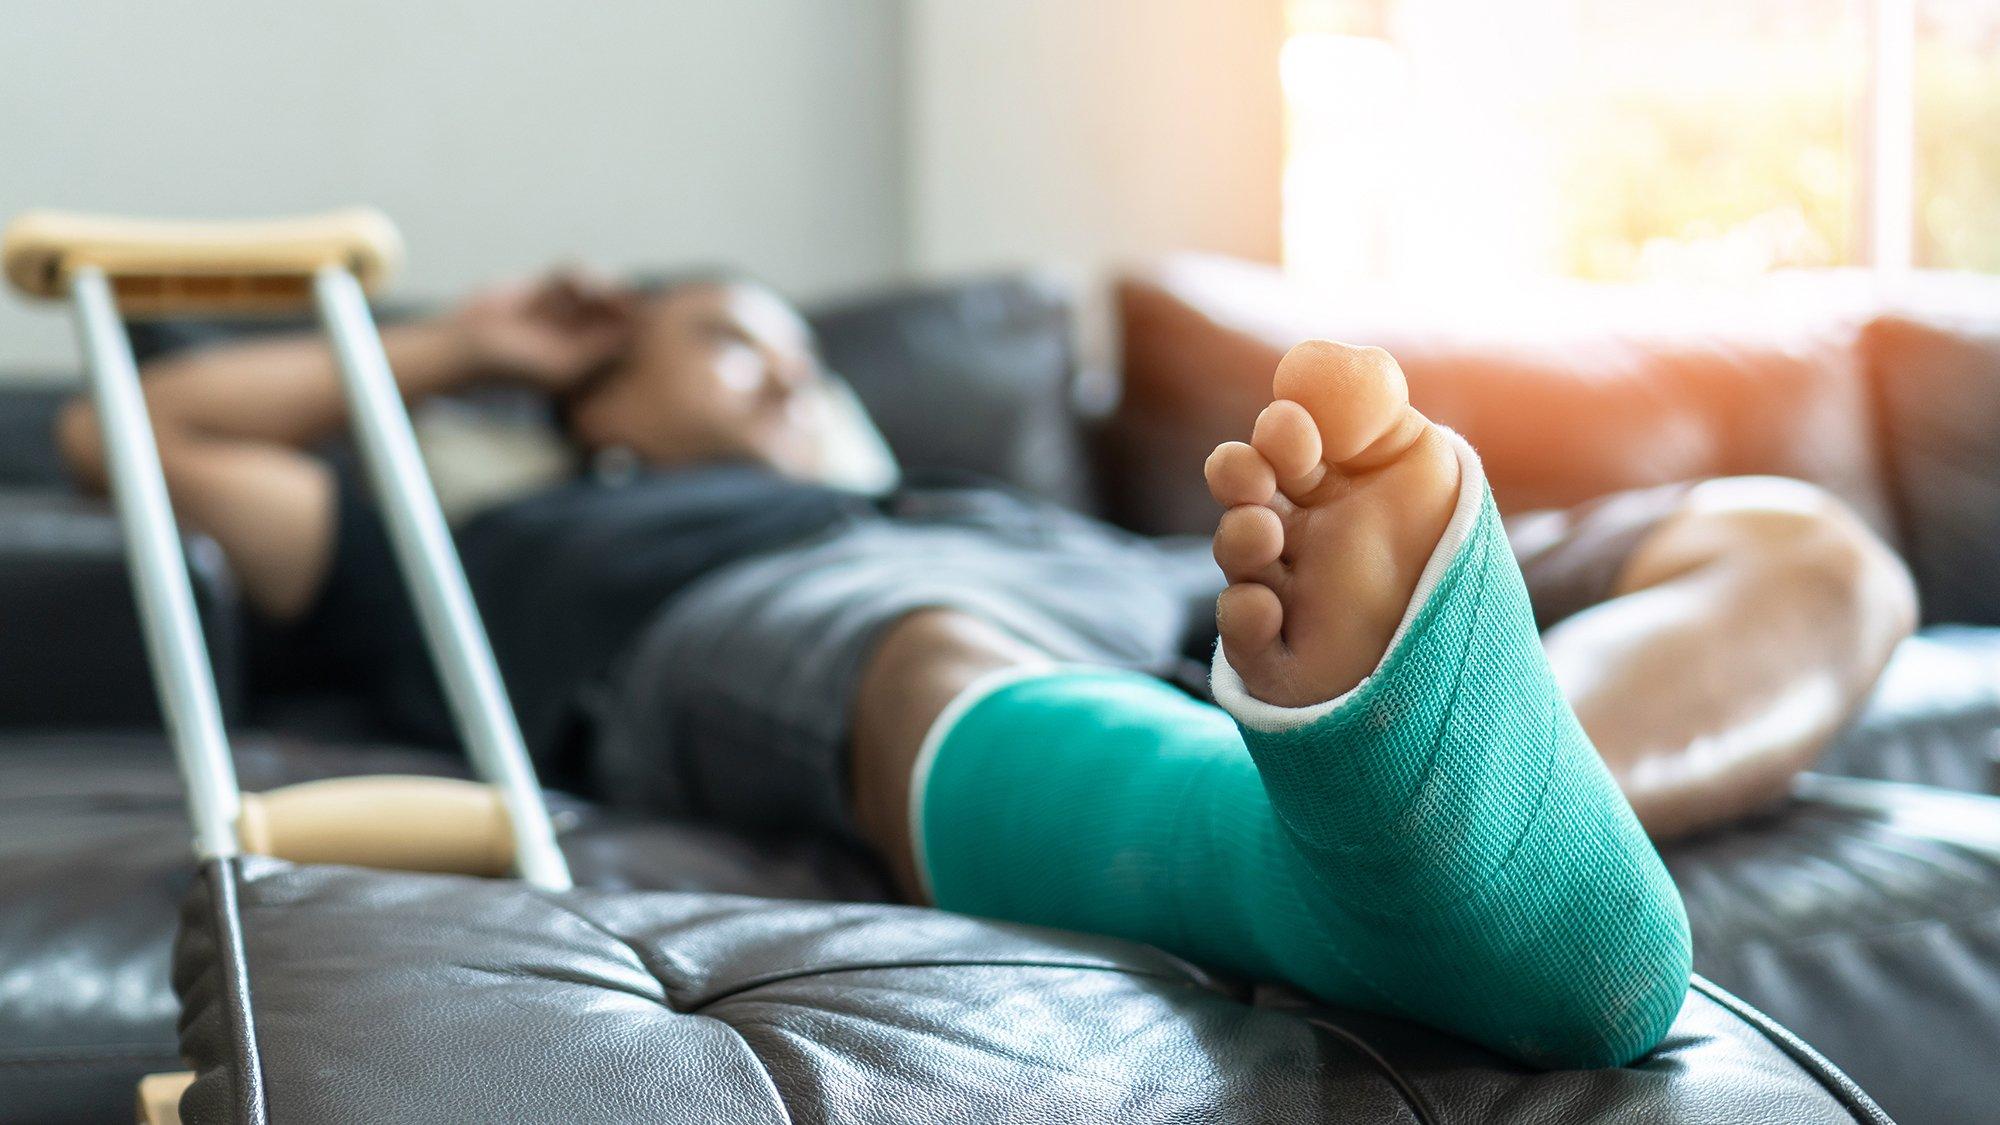 Header Bild DGUV: Mann liegt mit gebrochenem Bein auf dem Sofa